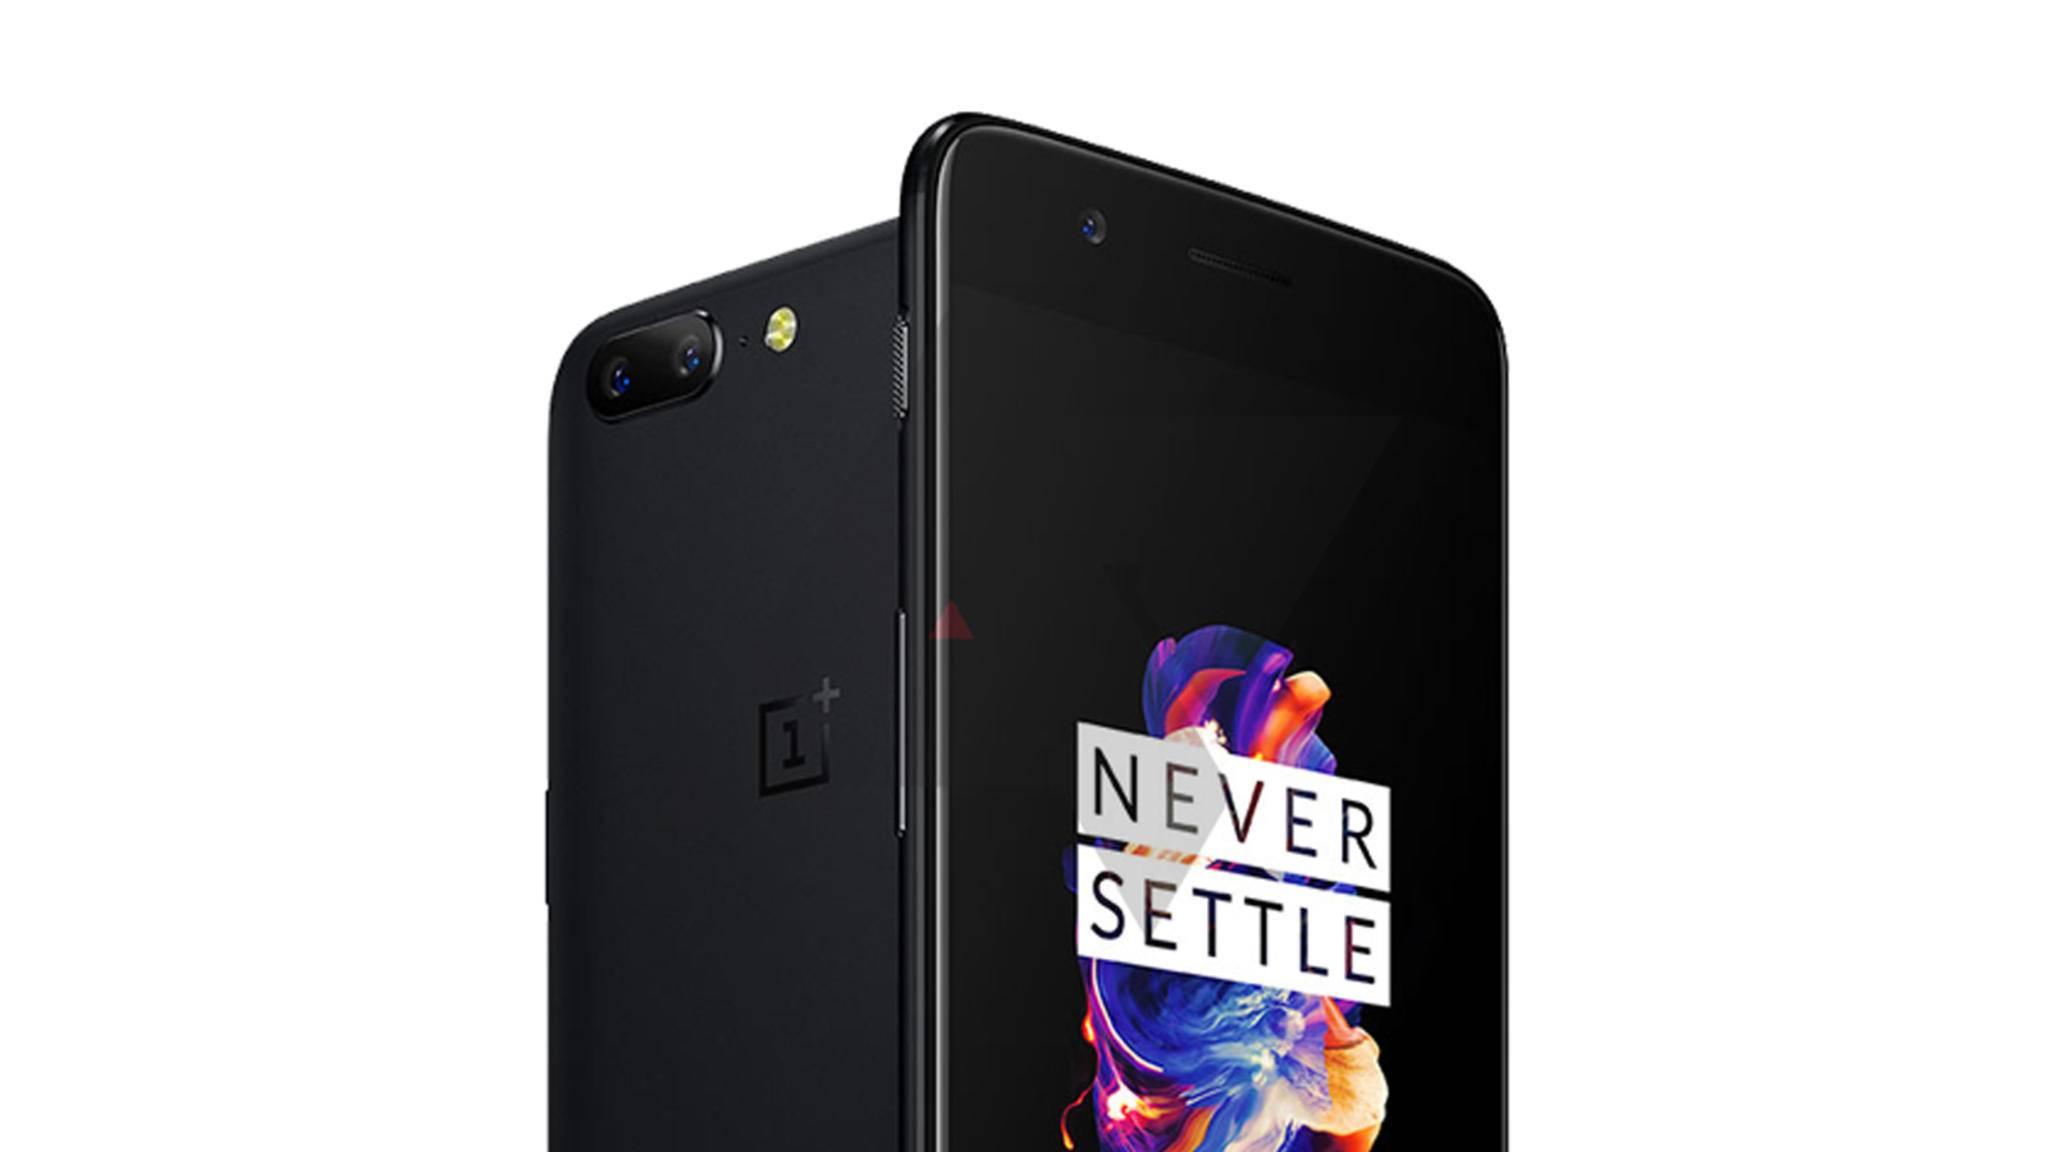 In Indien rührte OnePlus für sein neues Smartphone schon kräftig die Werbetrommel.